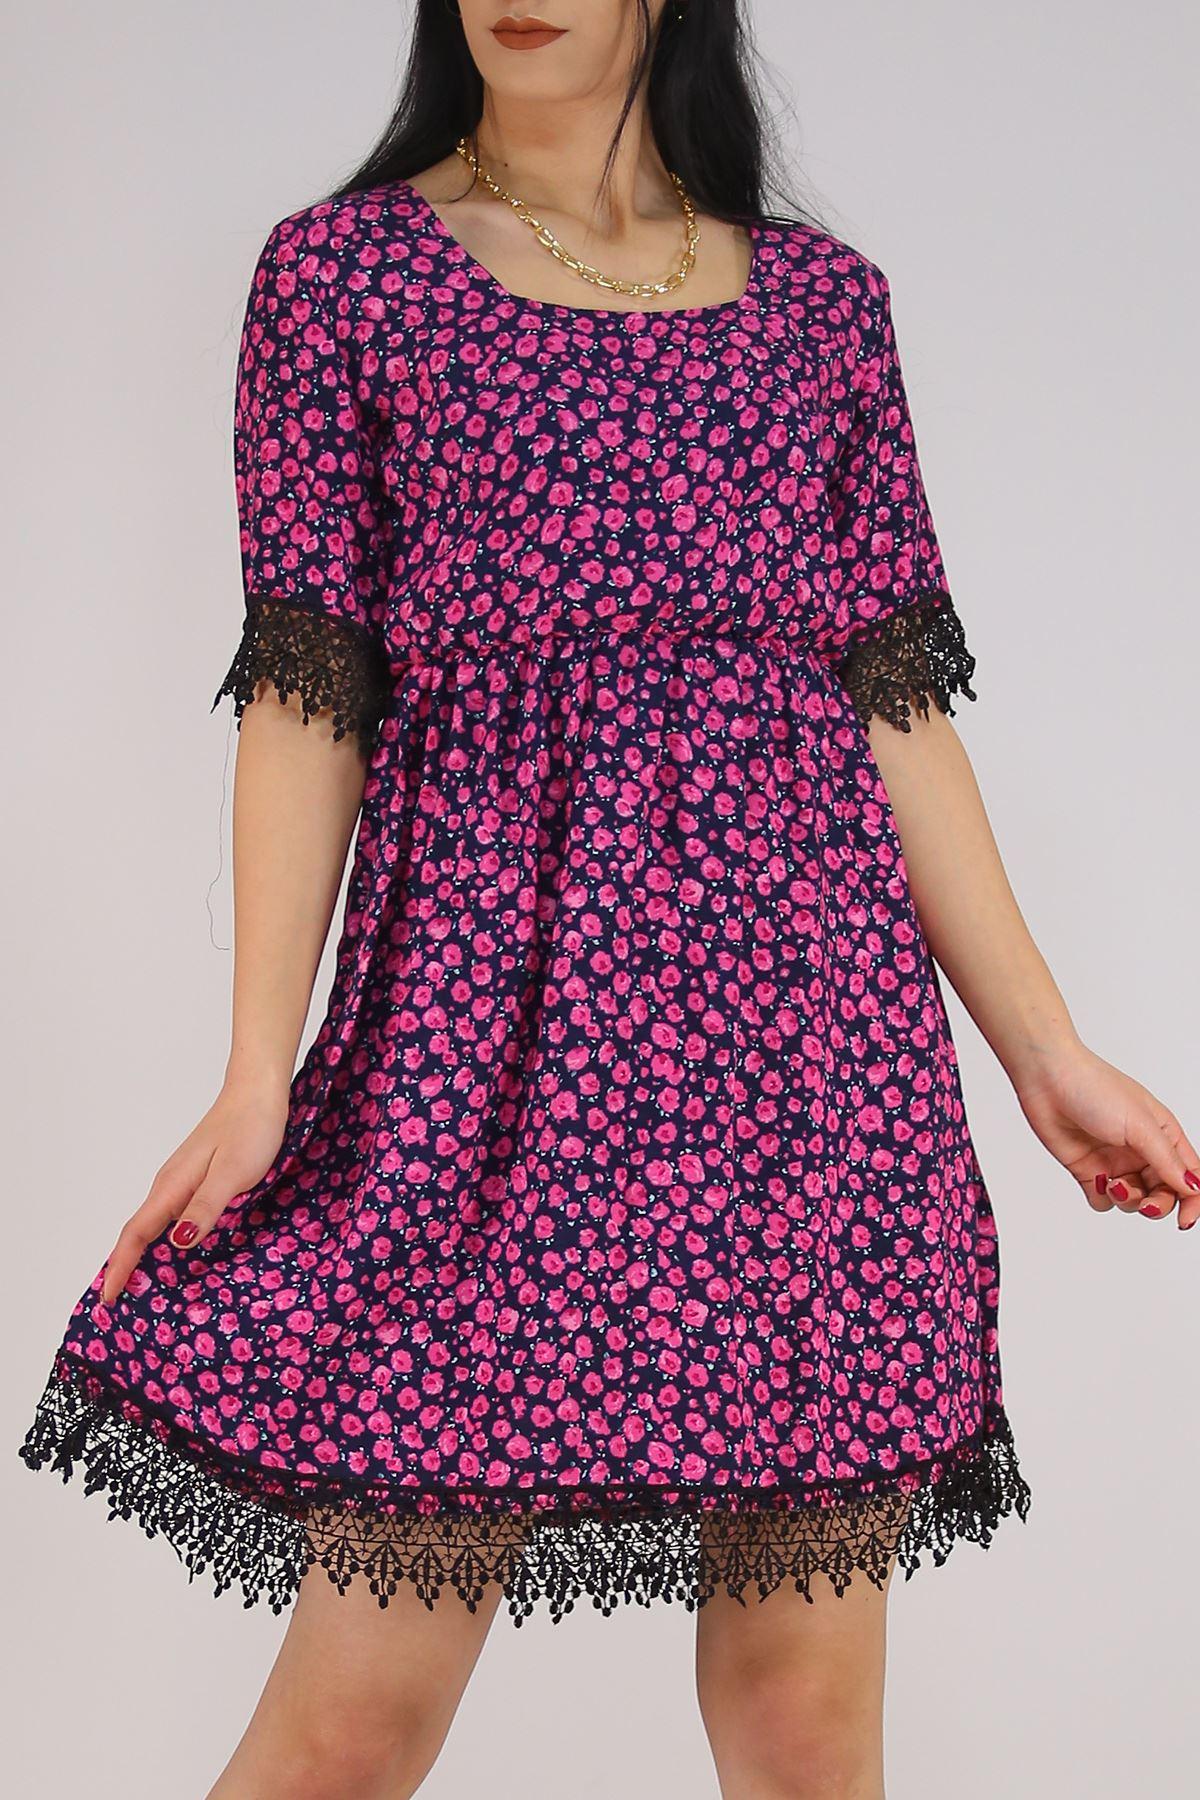 Güpür Garnili Elbise Lacifuşya - 5580.701.